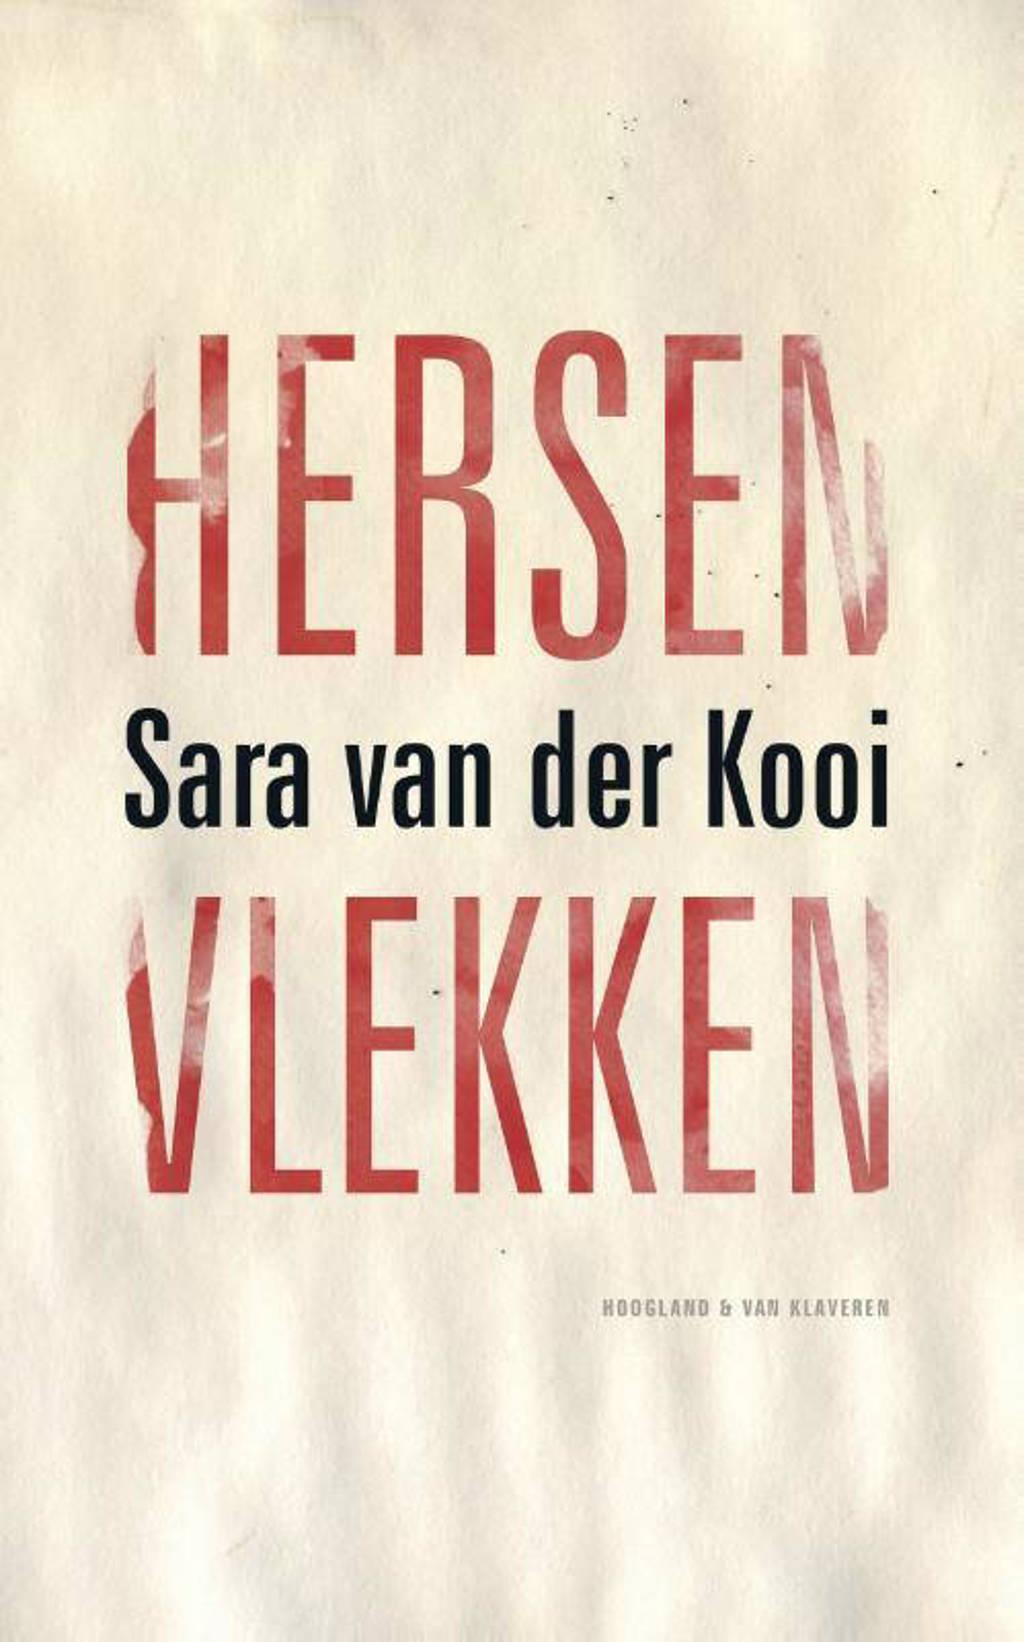 Hersenvlekken - Sara van der Kooi